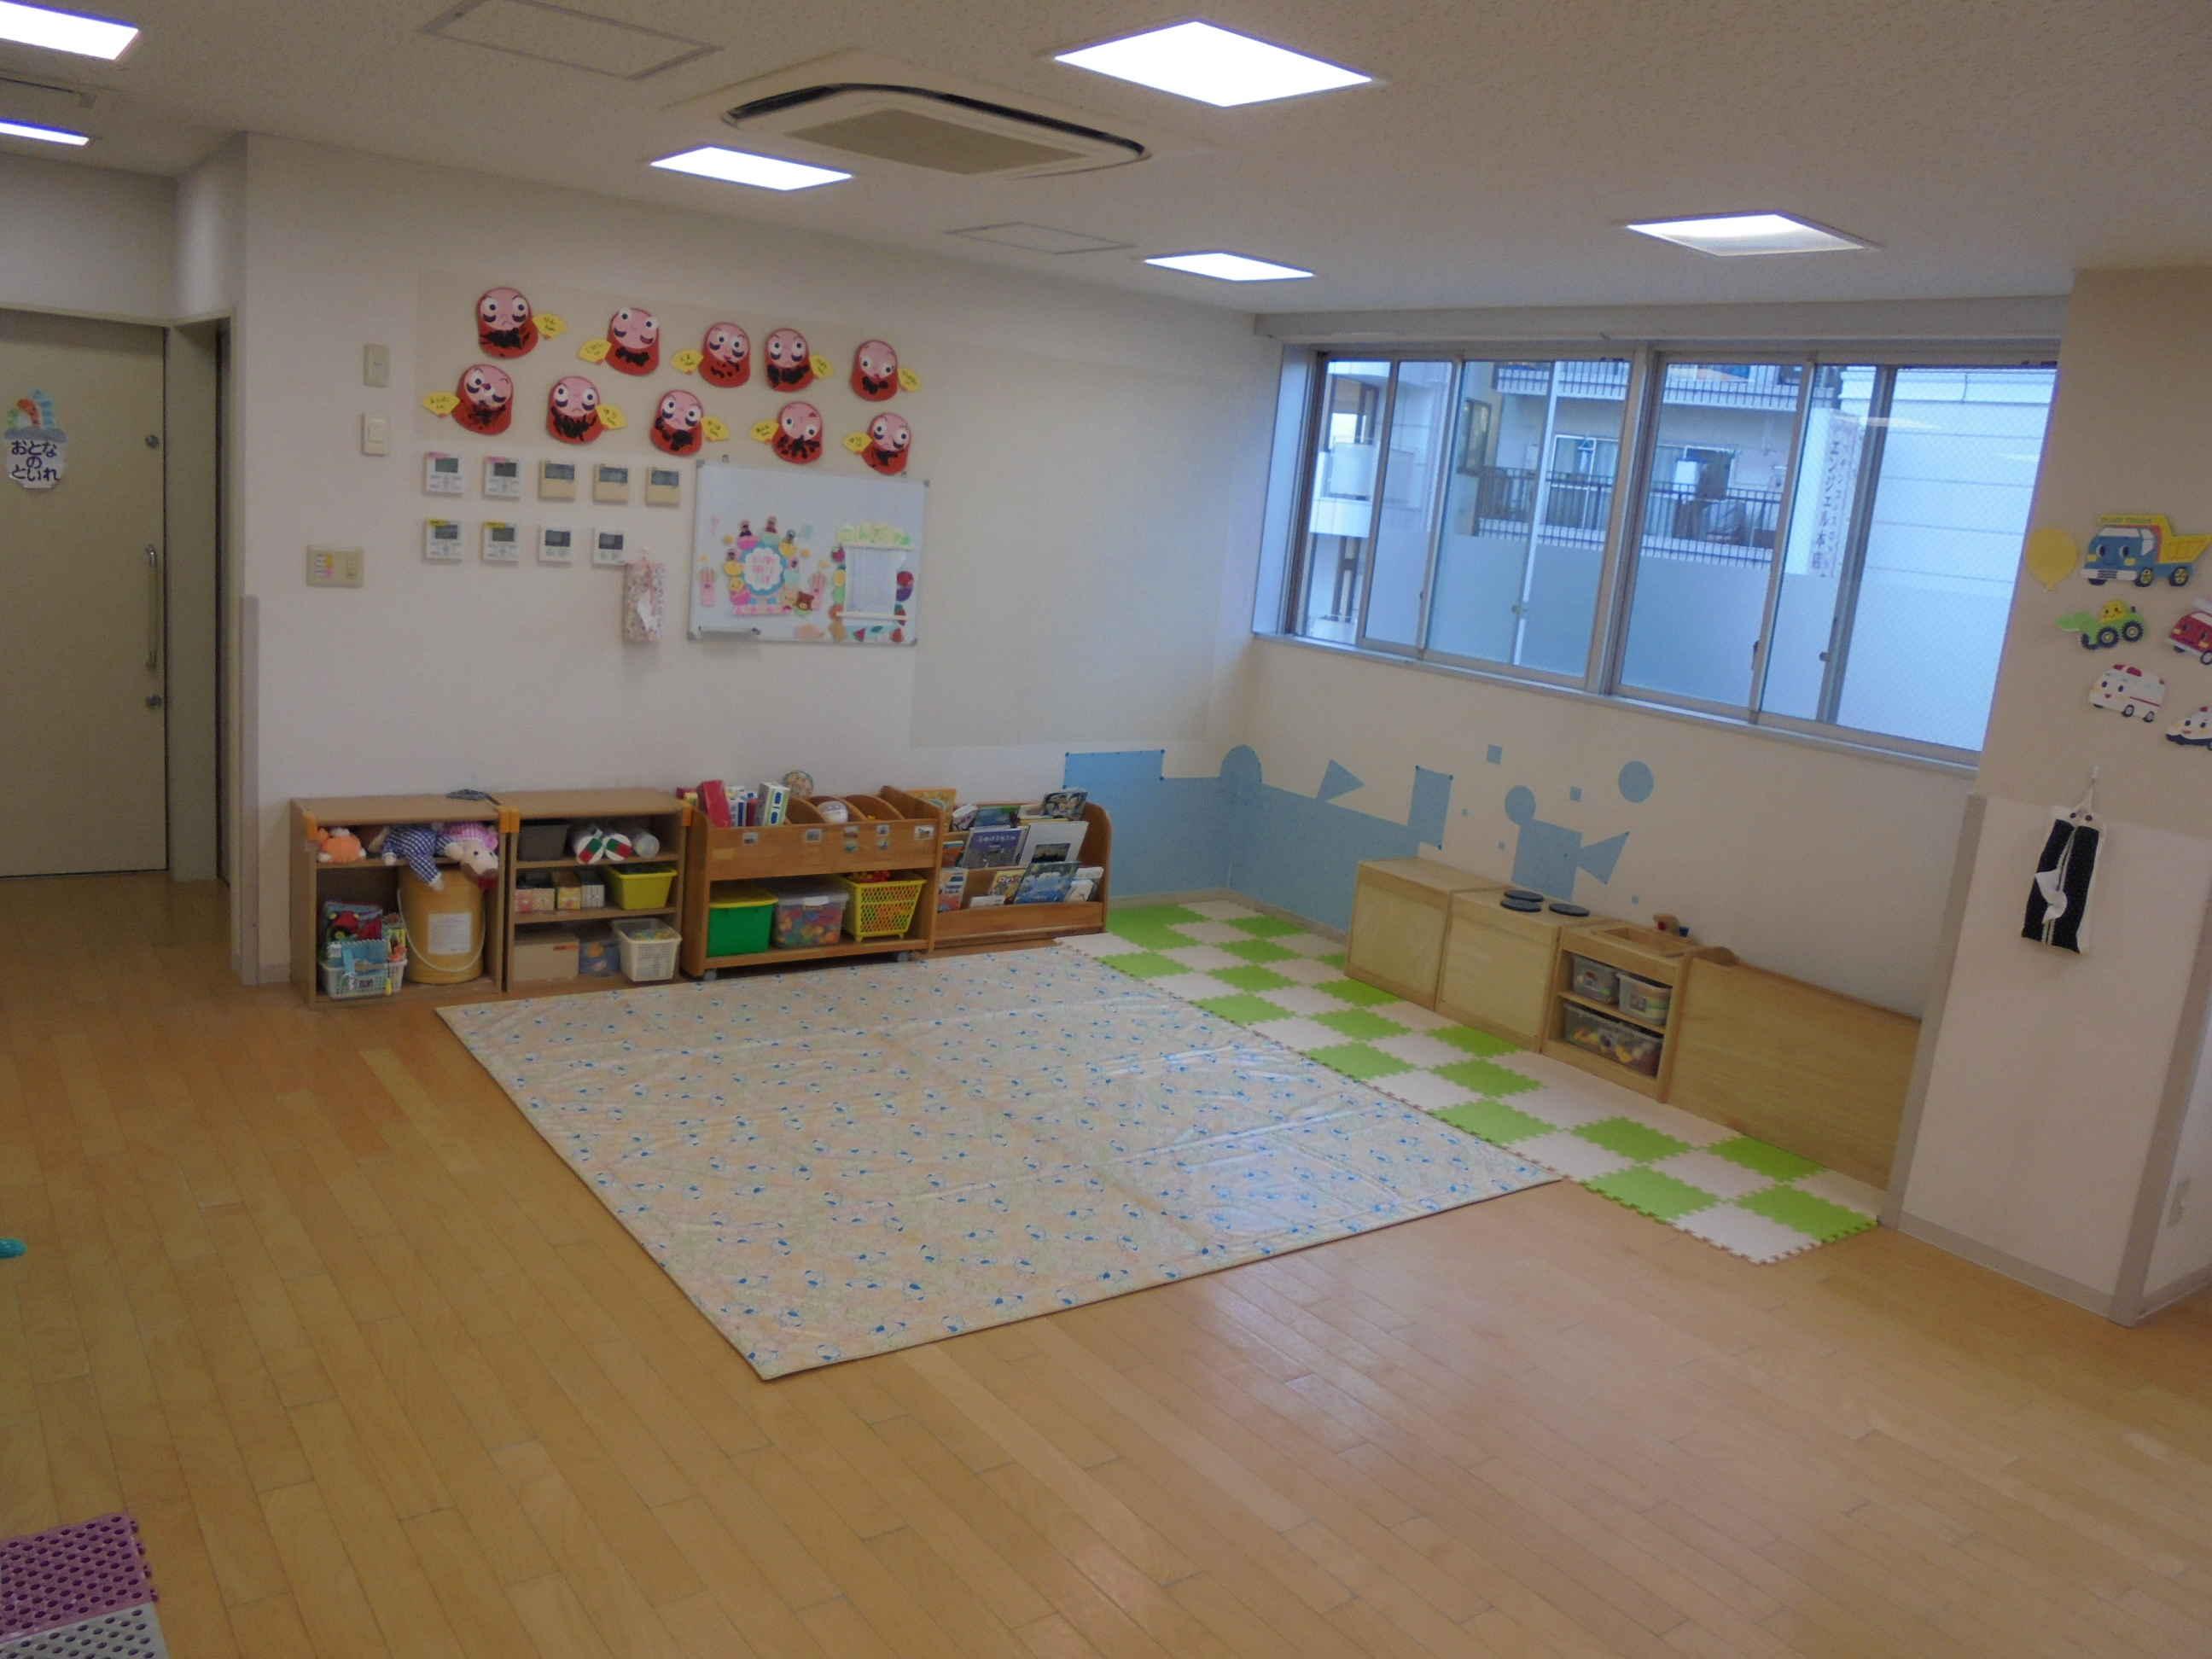 https://www.shopro.co.jp/hoiku/img/2021/01/20121212120212110.JPG